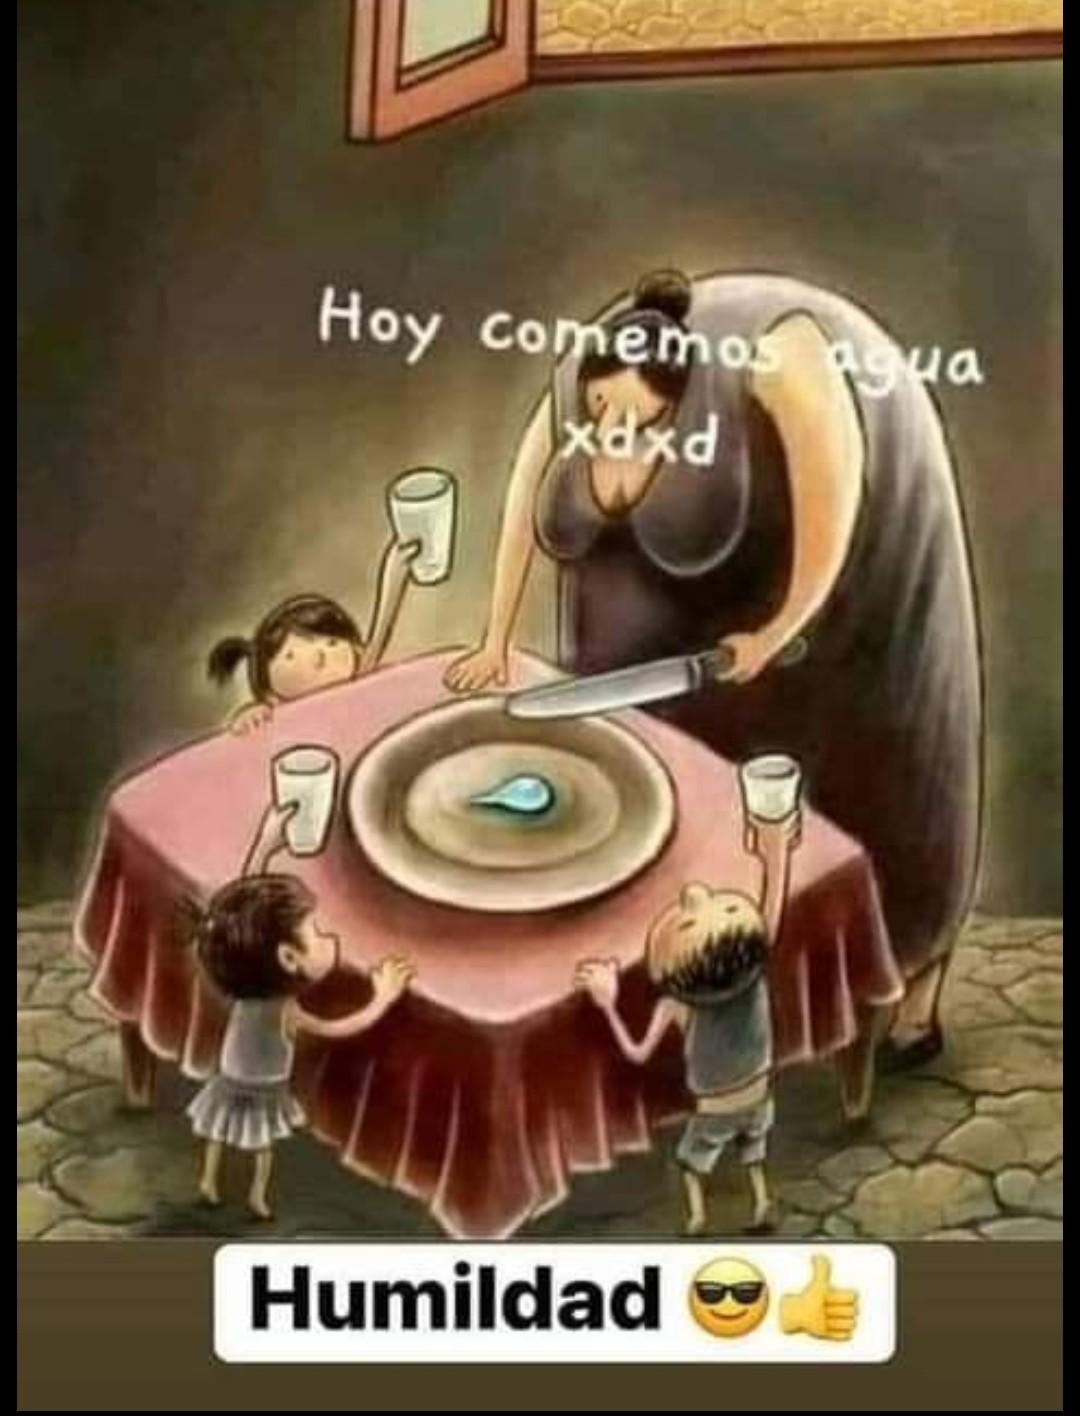 Mexico en una imagen  - meme